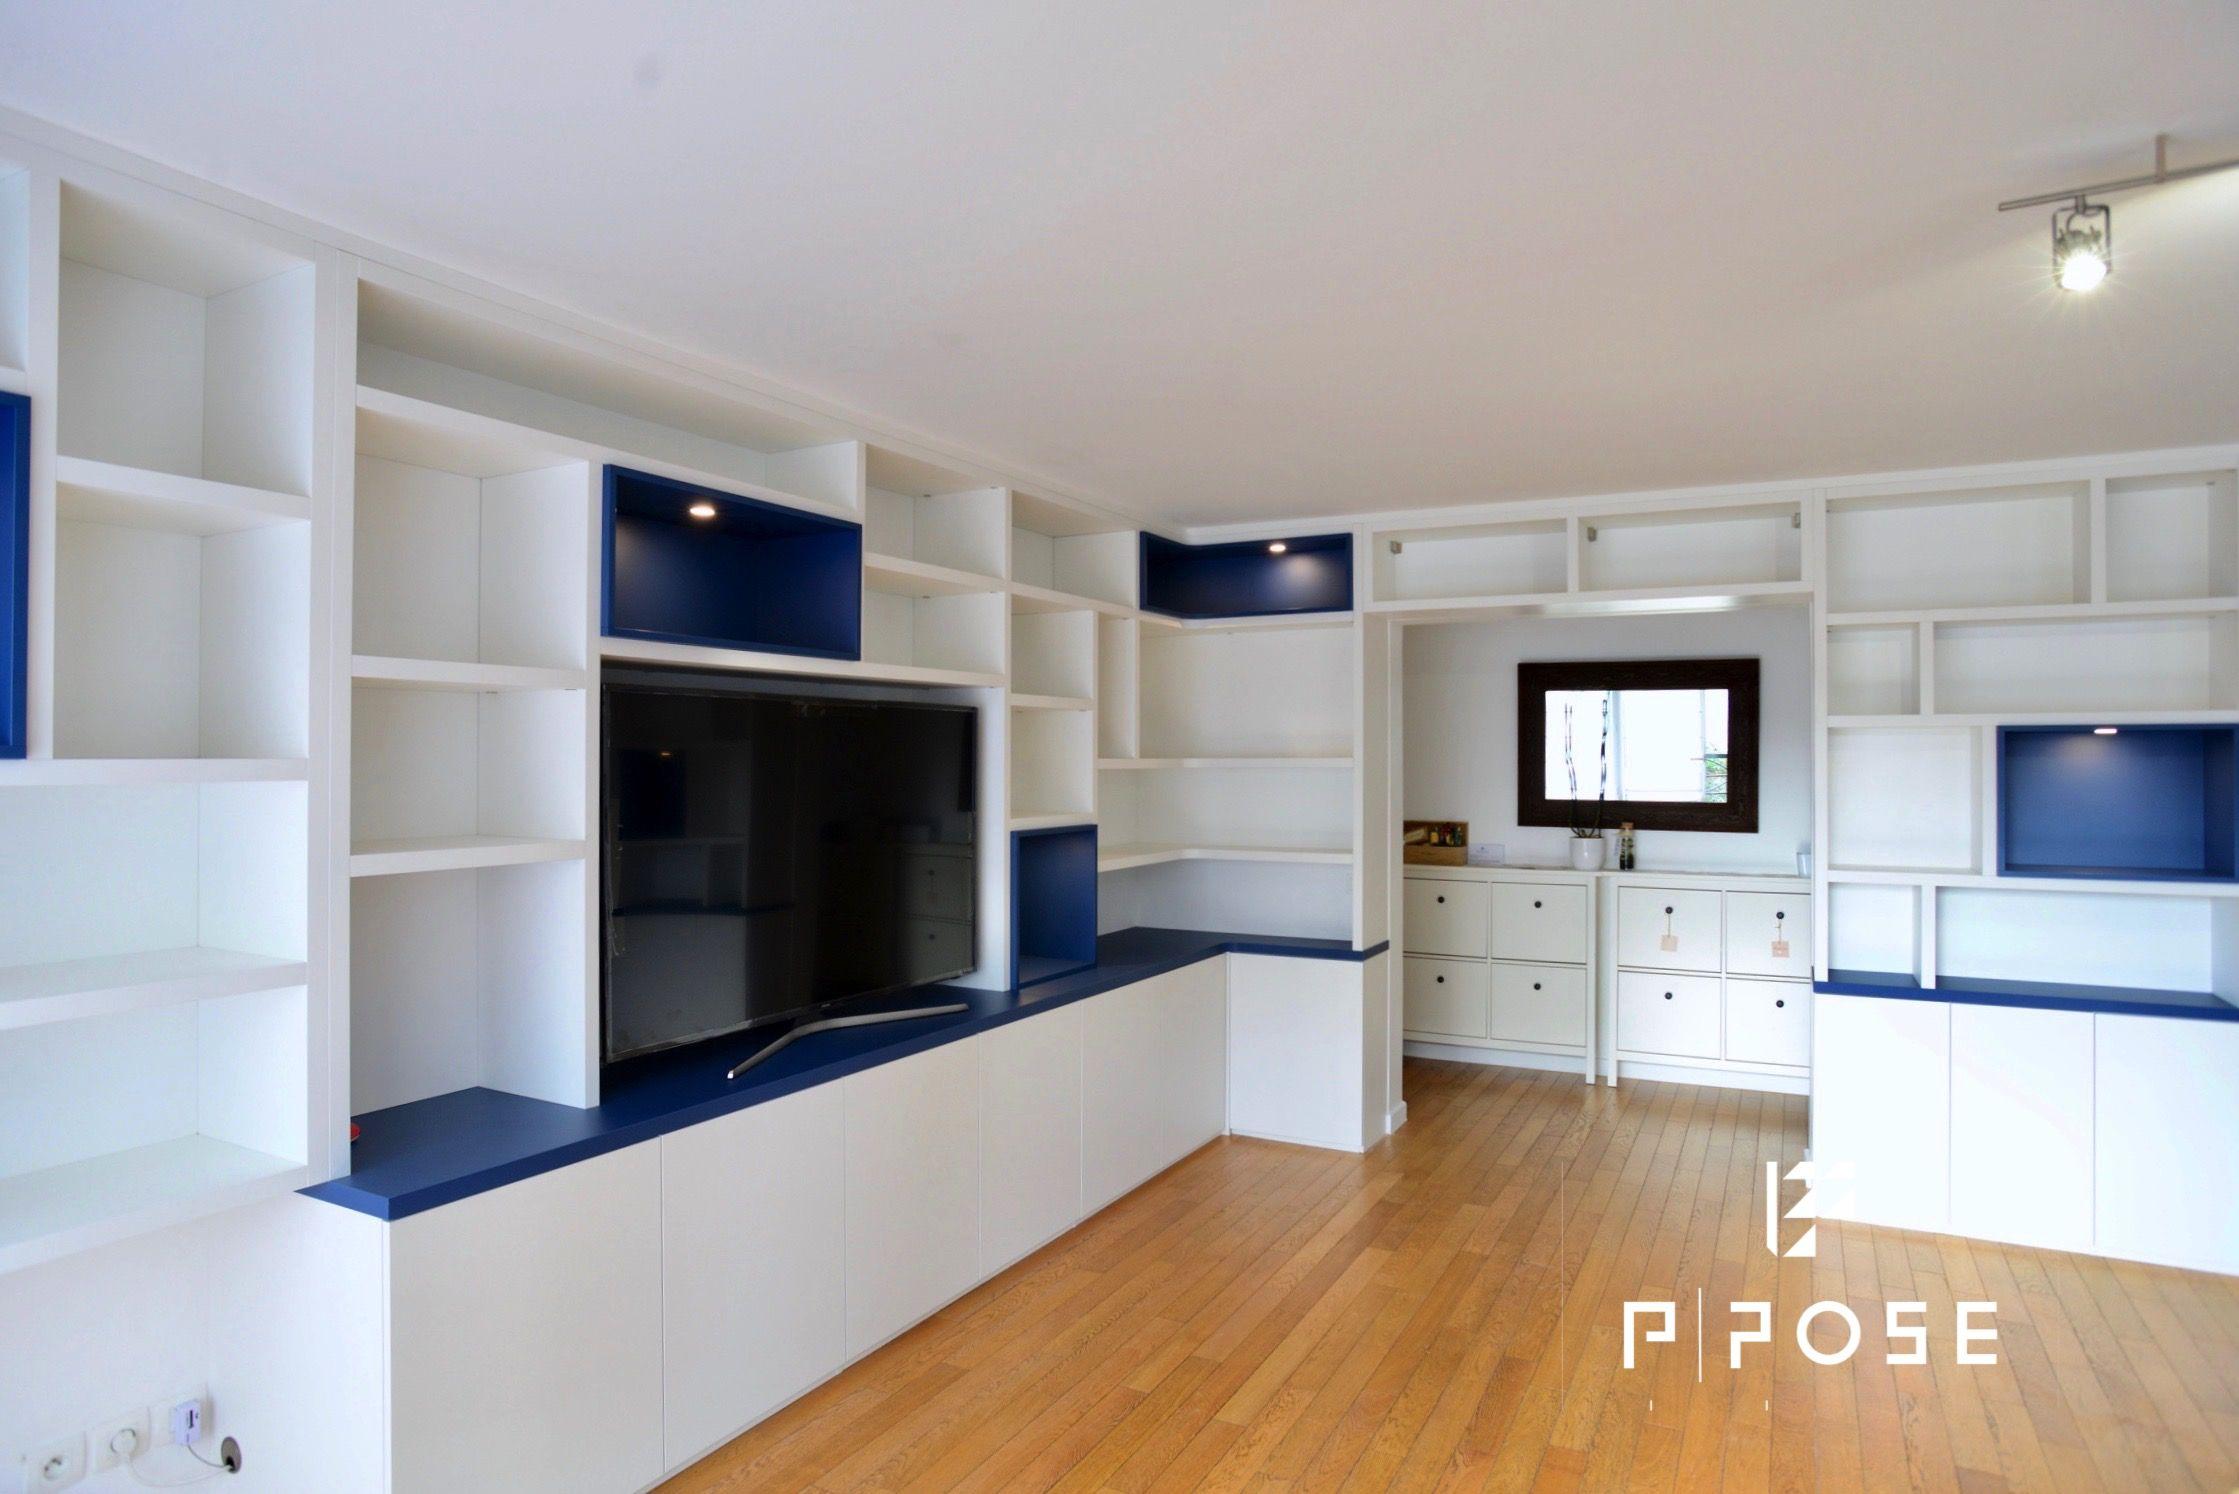 Bibliotheque Et Meuble Tv En Melamine Blanc Porcelaine Avec Niches